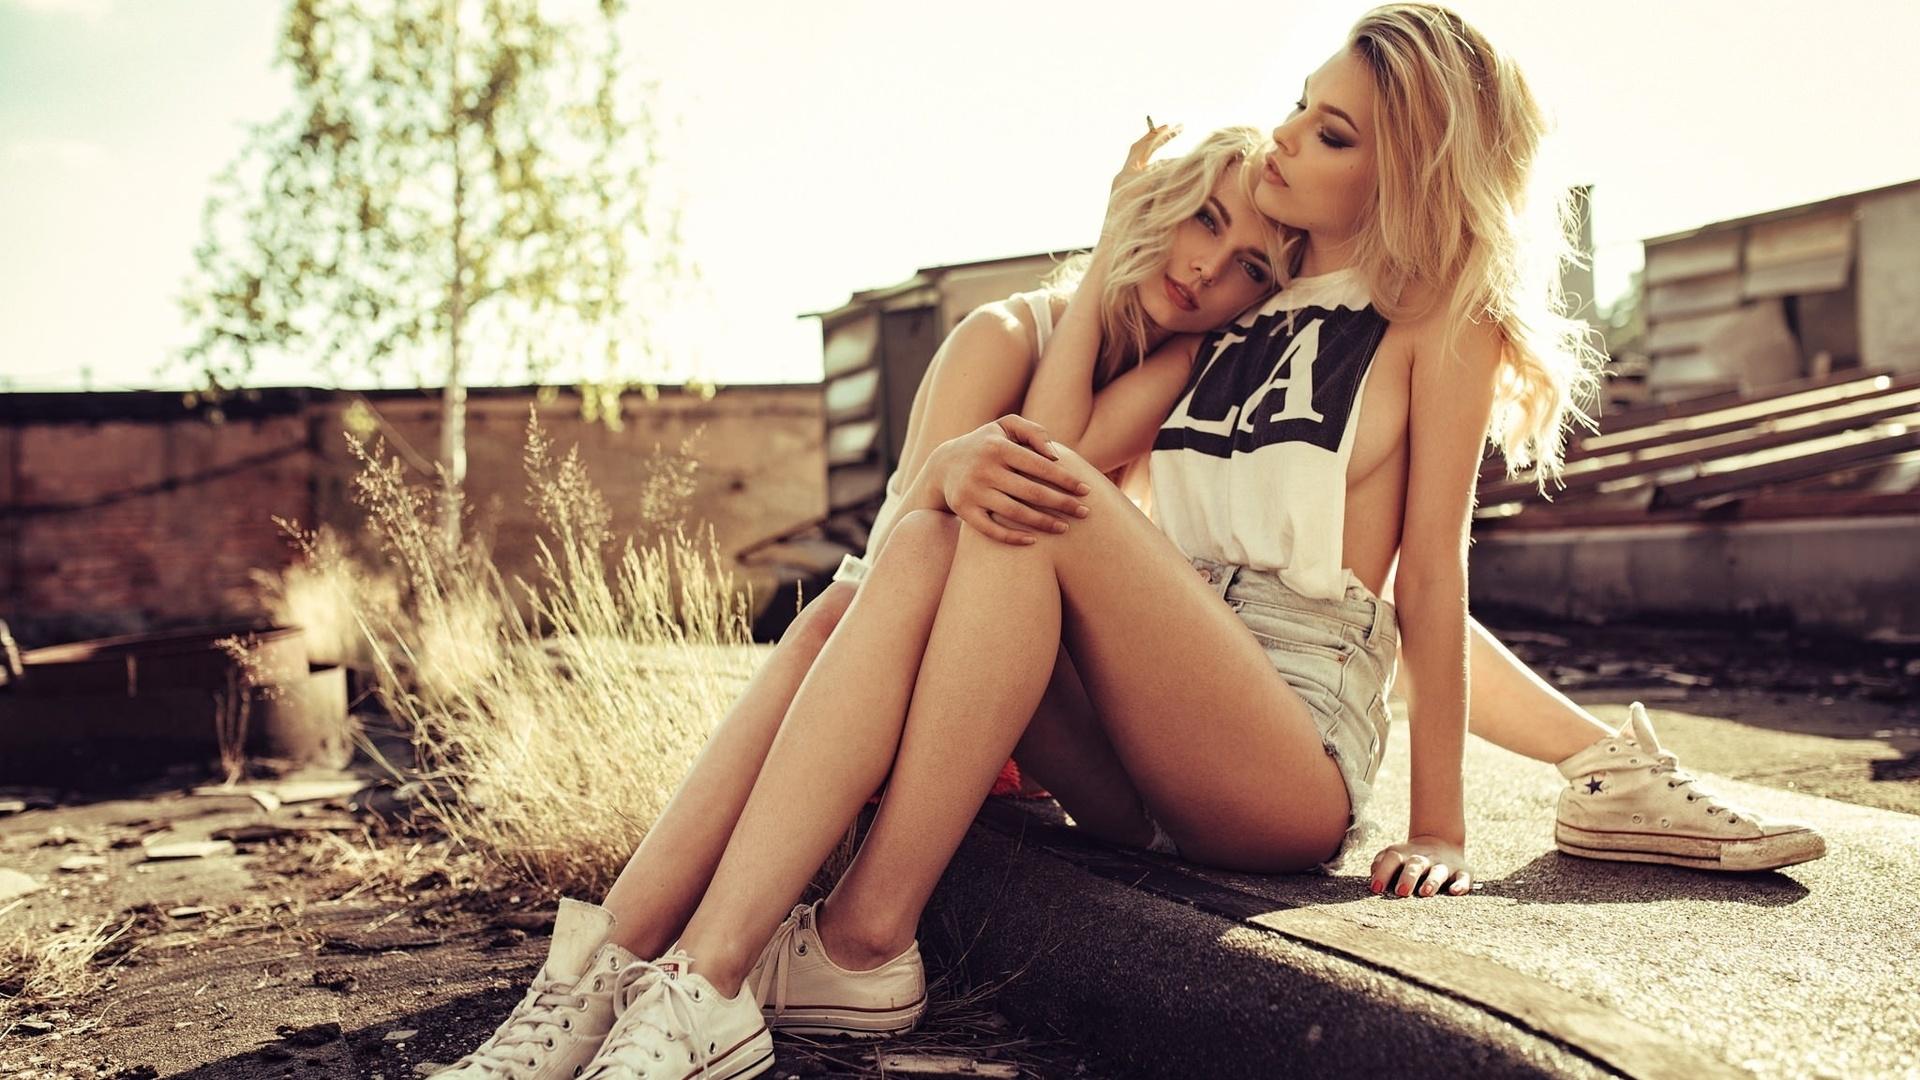 foto-blondinka-na-dvoih-tolko-foto-porno-zhenshin